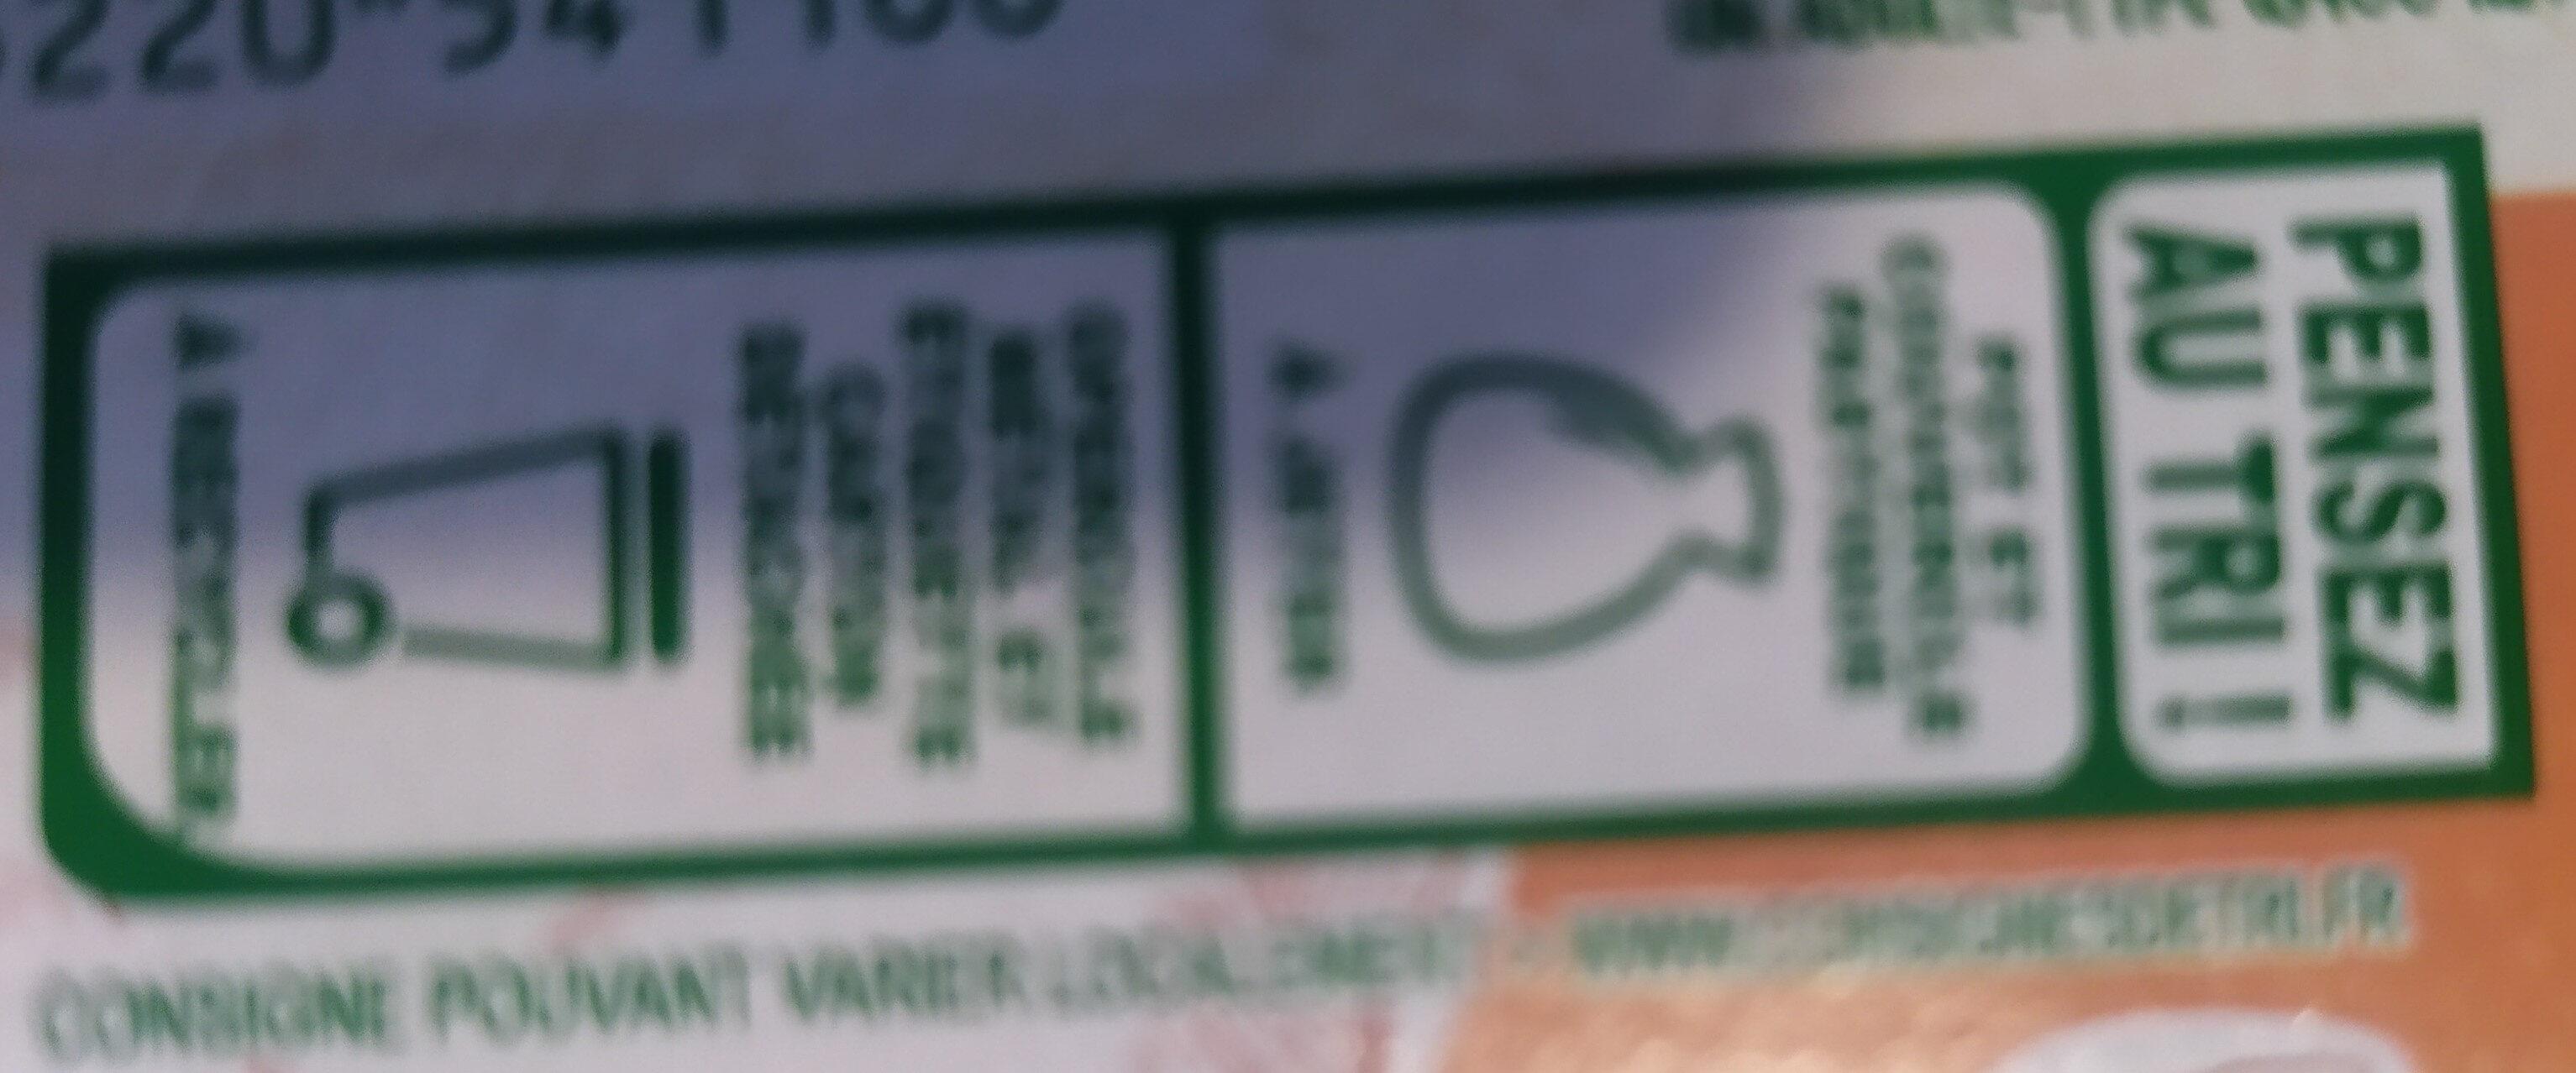 Fromage blanc biologique au lait de chèvre - Instruction de recyclage et/ou informations d'emballage - fr